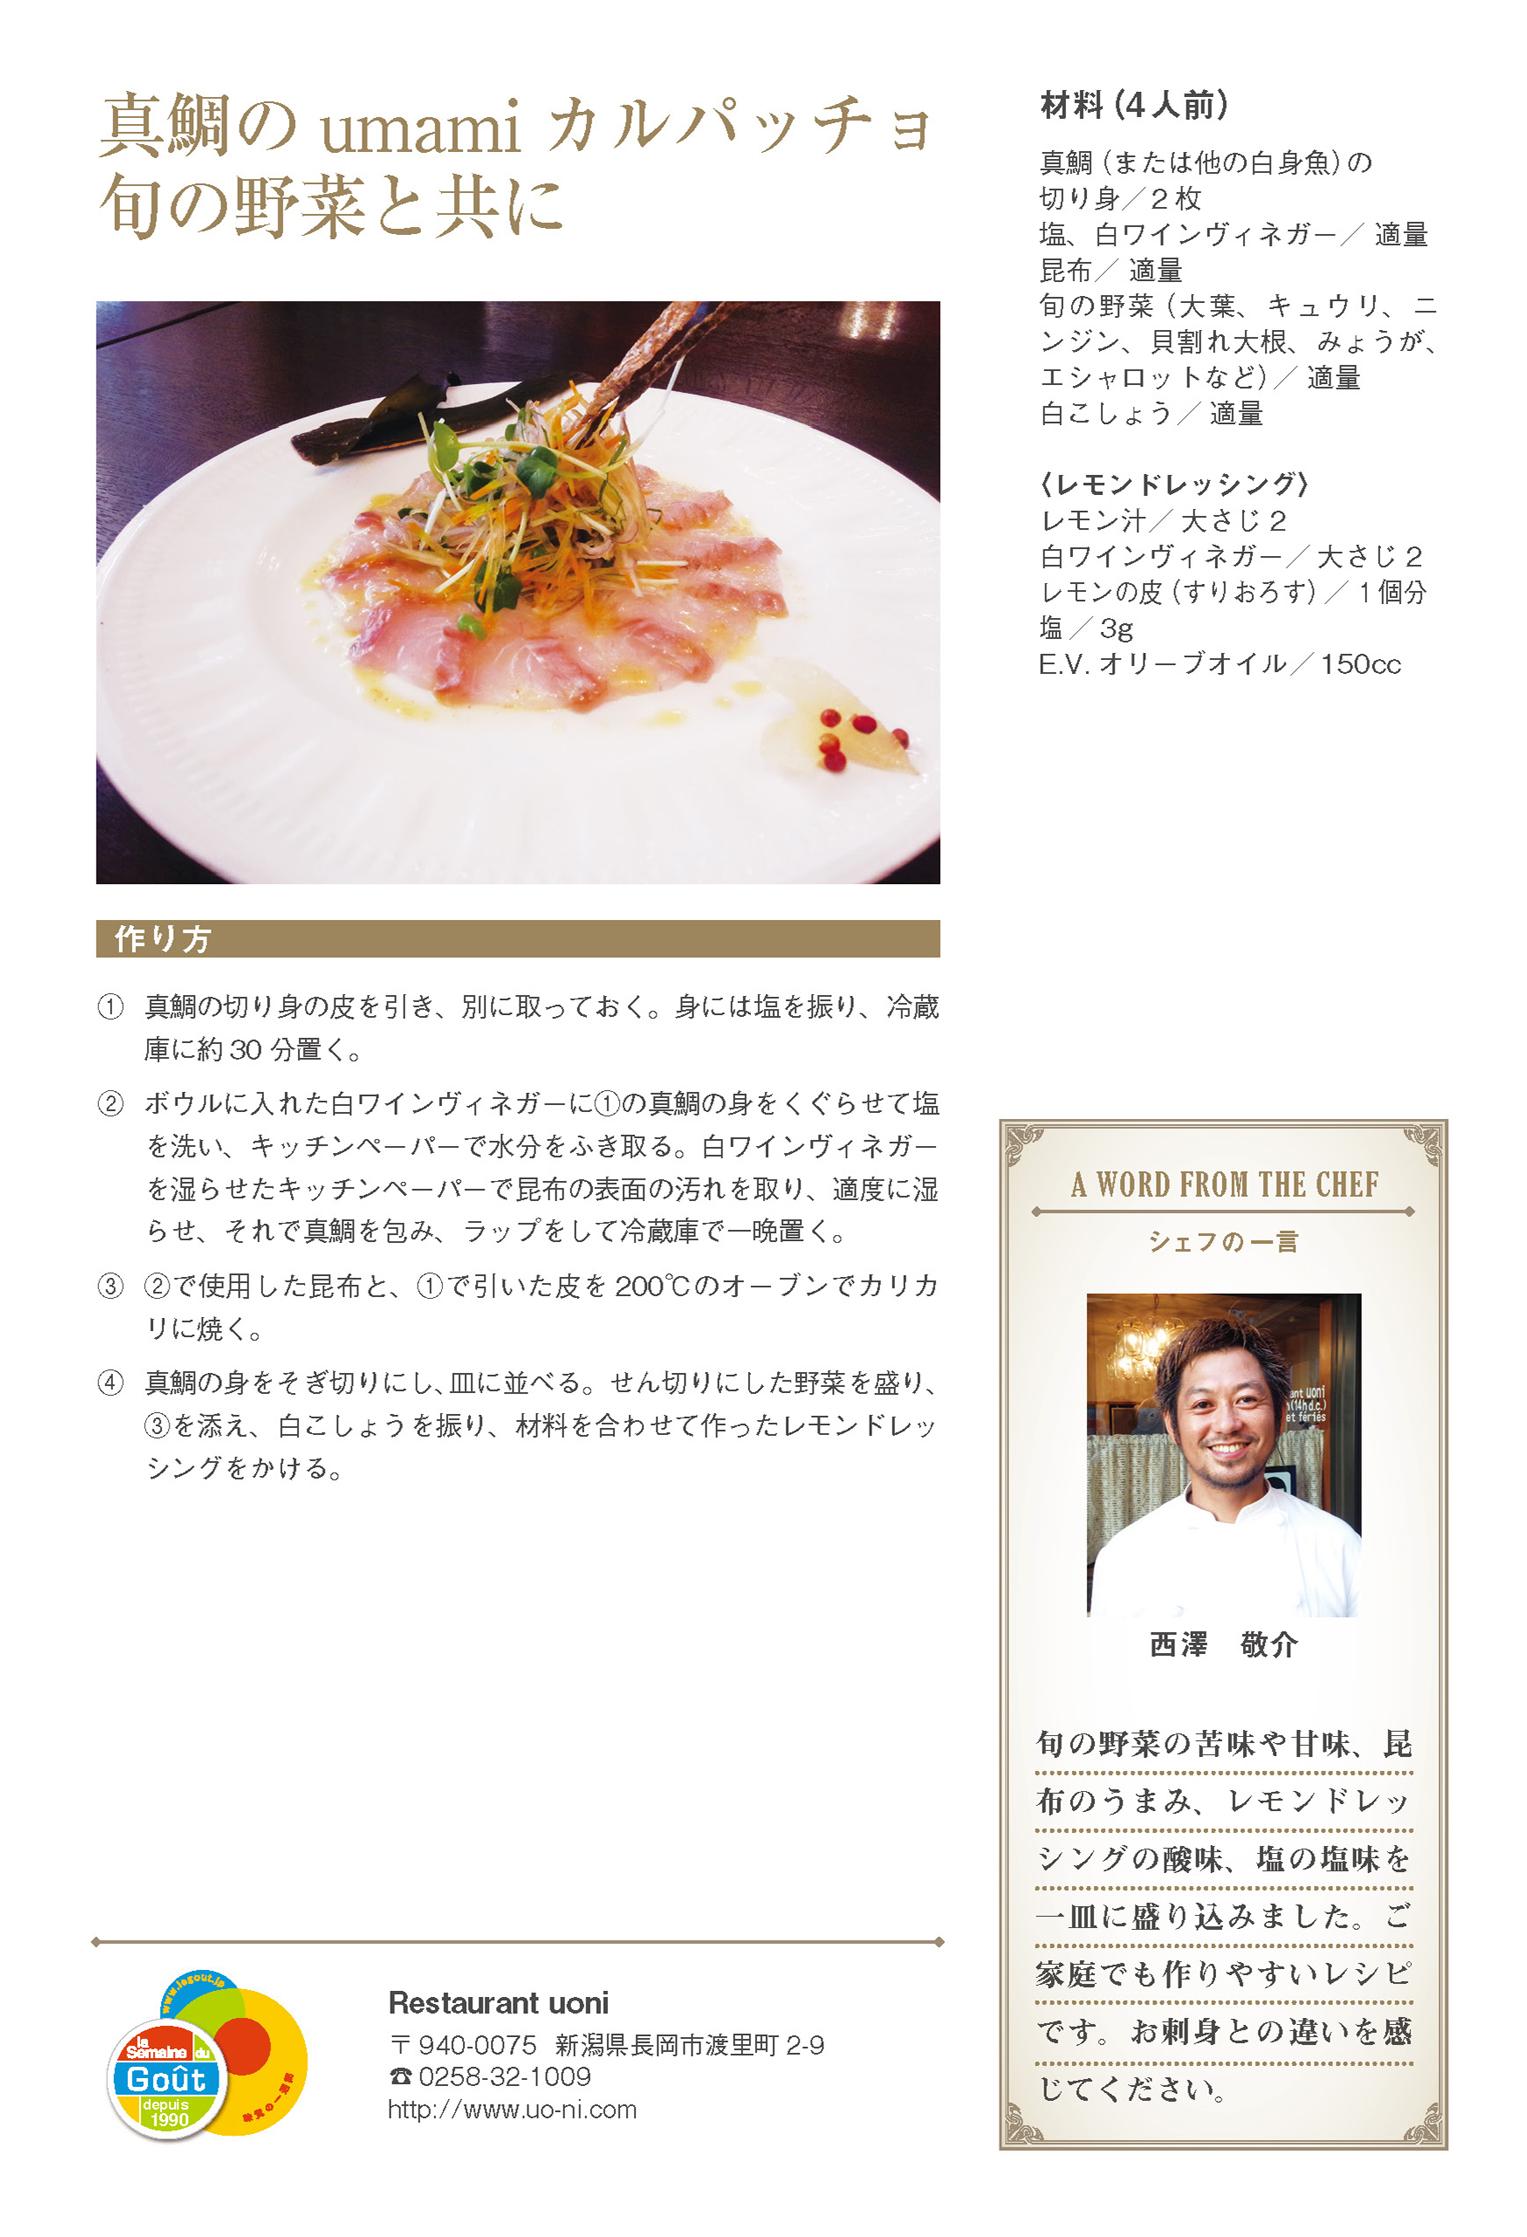 Restaurant uoni